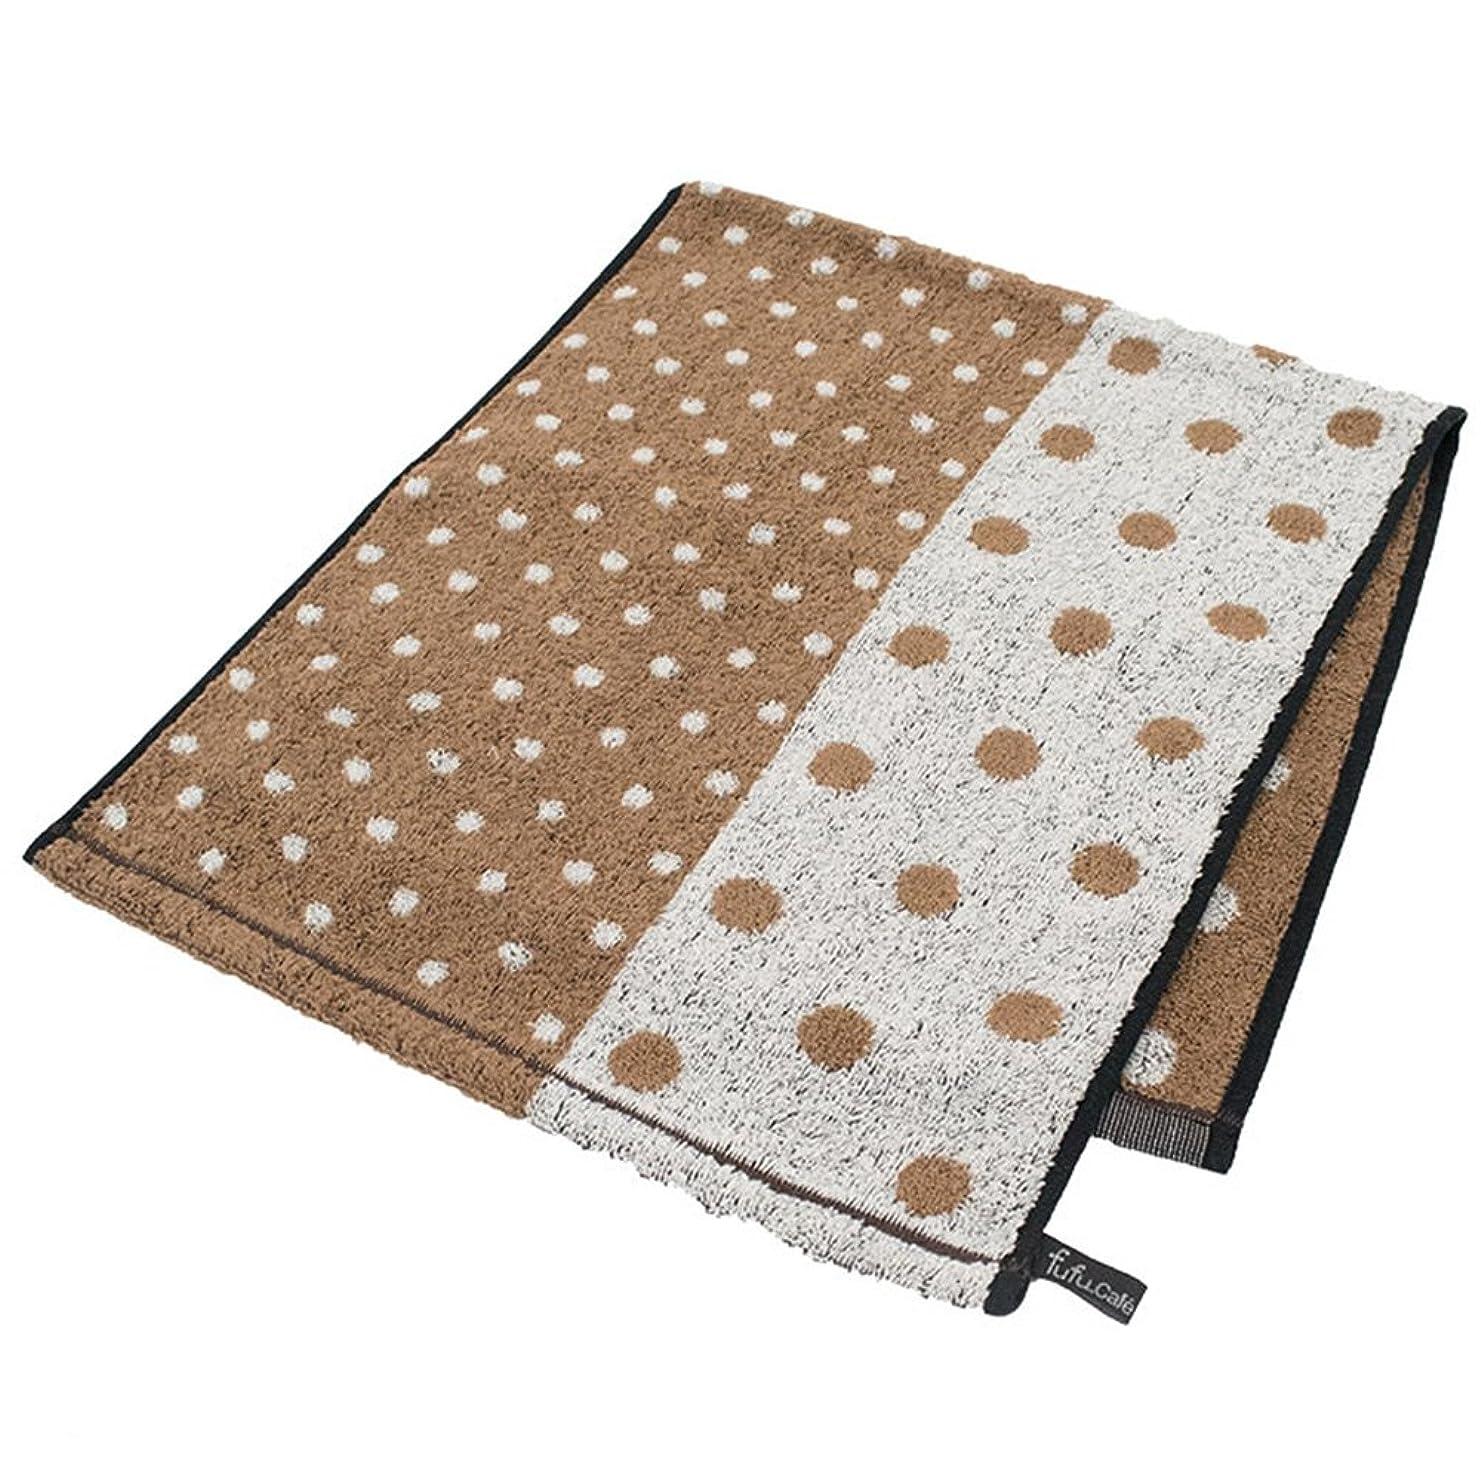 ミス行く森fufu mono form 「カフェドッツ」 フェイスタオル ブラウン 綿100% 抗菌防臭加工 かわいい 34×80cm